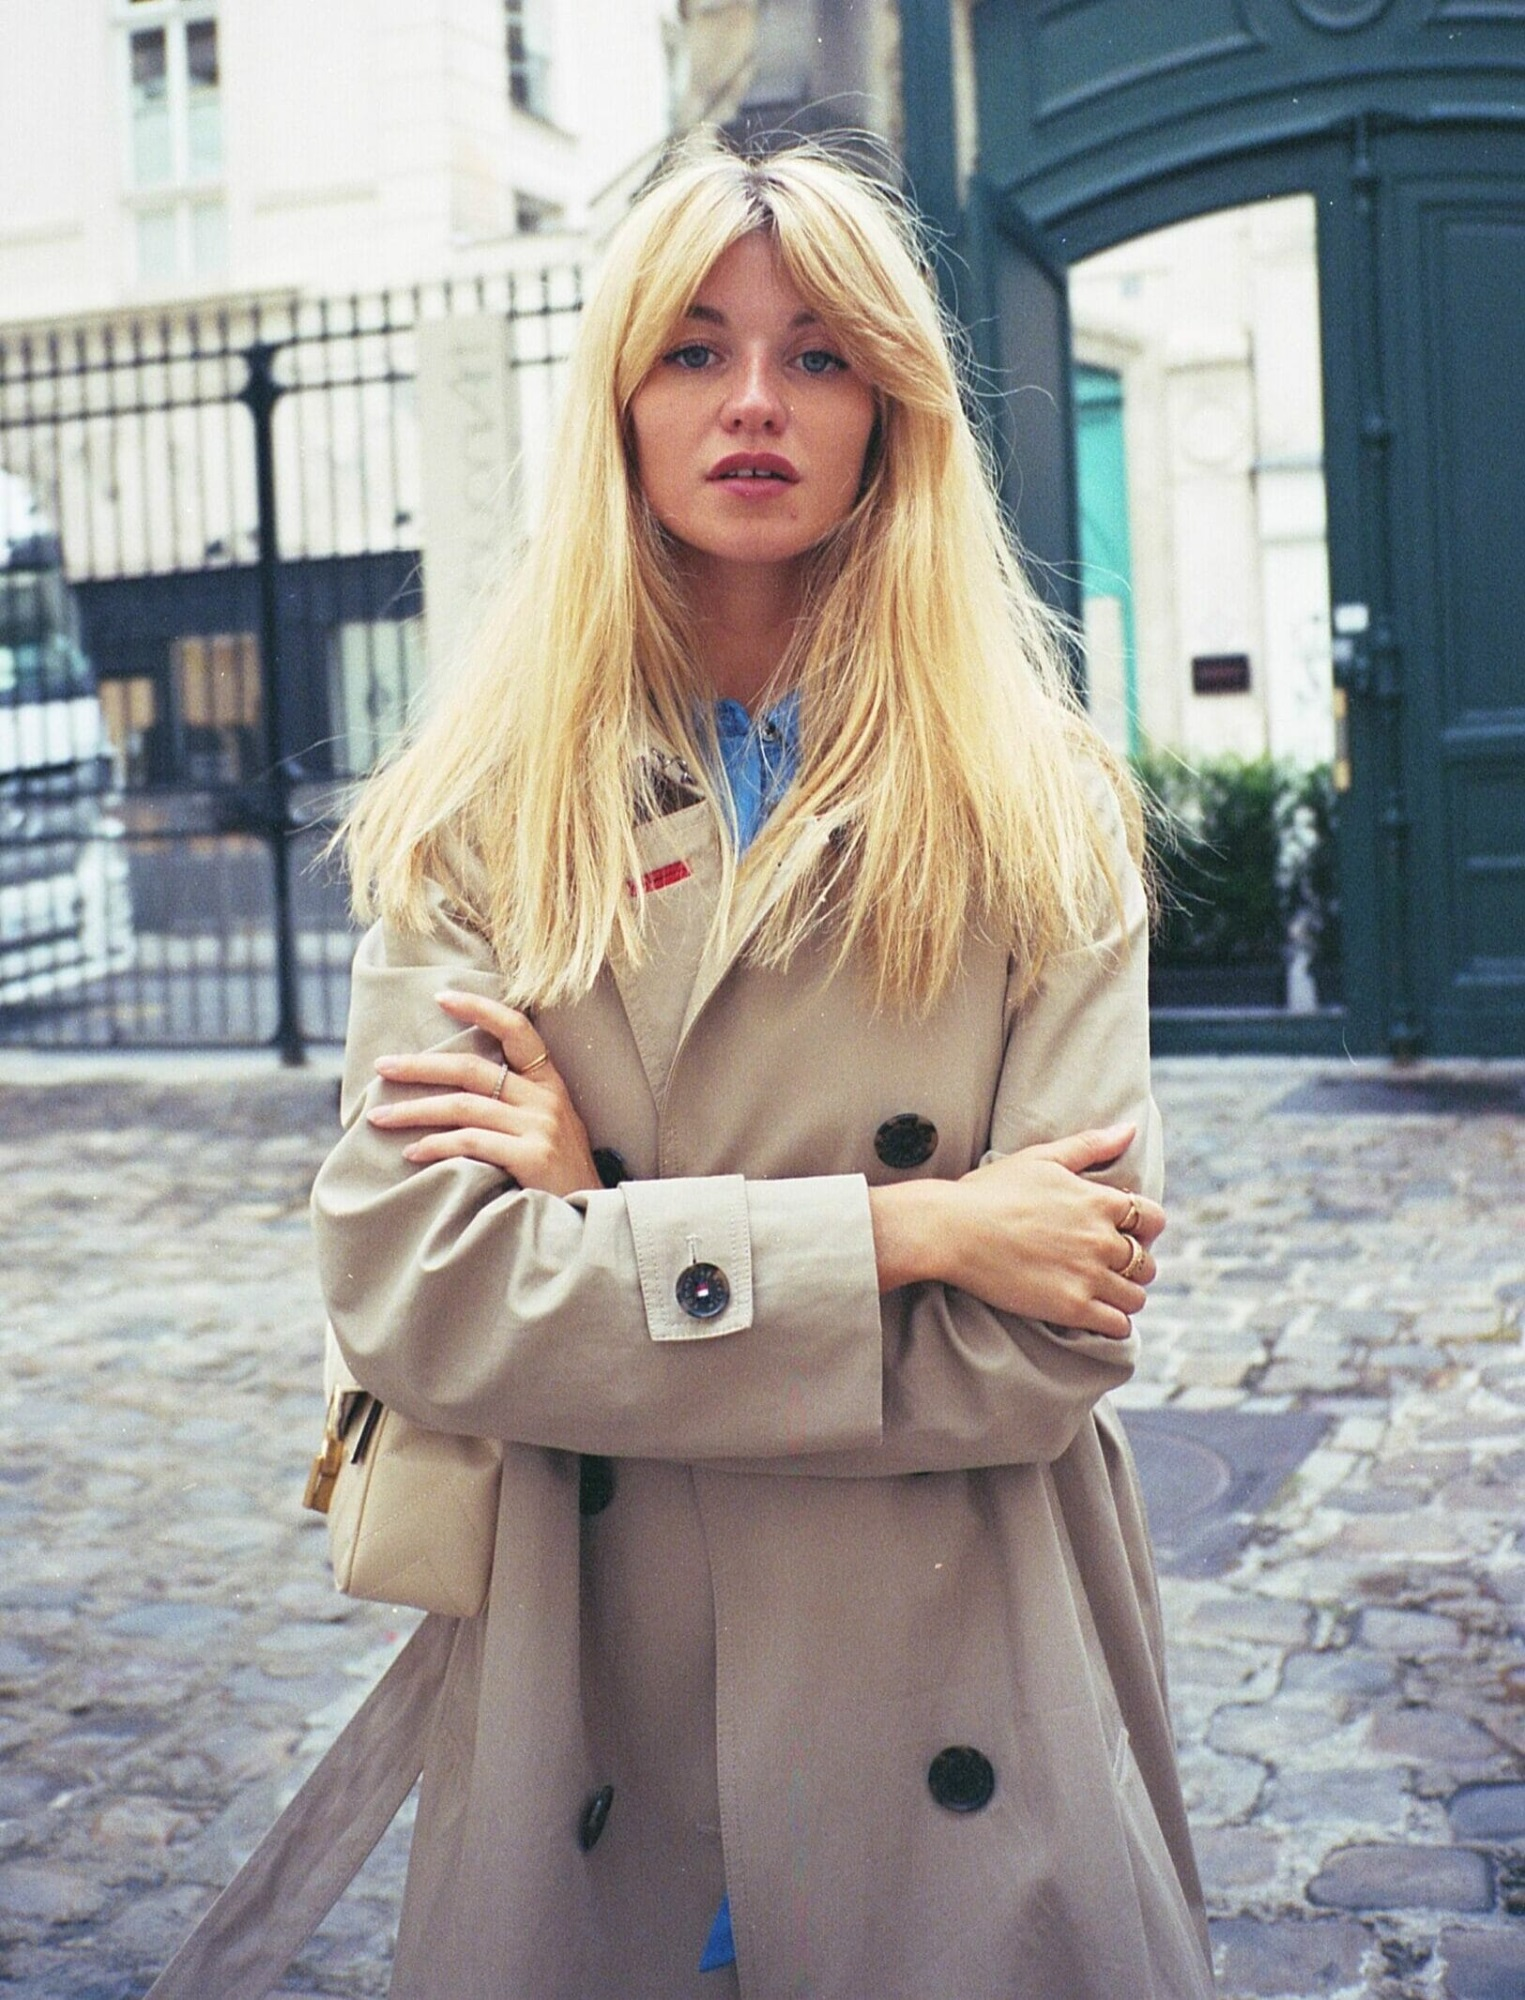 8 kiểu tóc gái Pháp luôn yêu cầu cắt khi ghé salon: Đơn giản mà cực sang chảnh, học theo thì thần thái lên hương - Ảnh 20